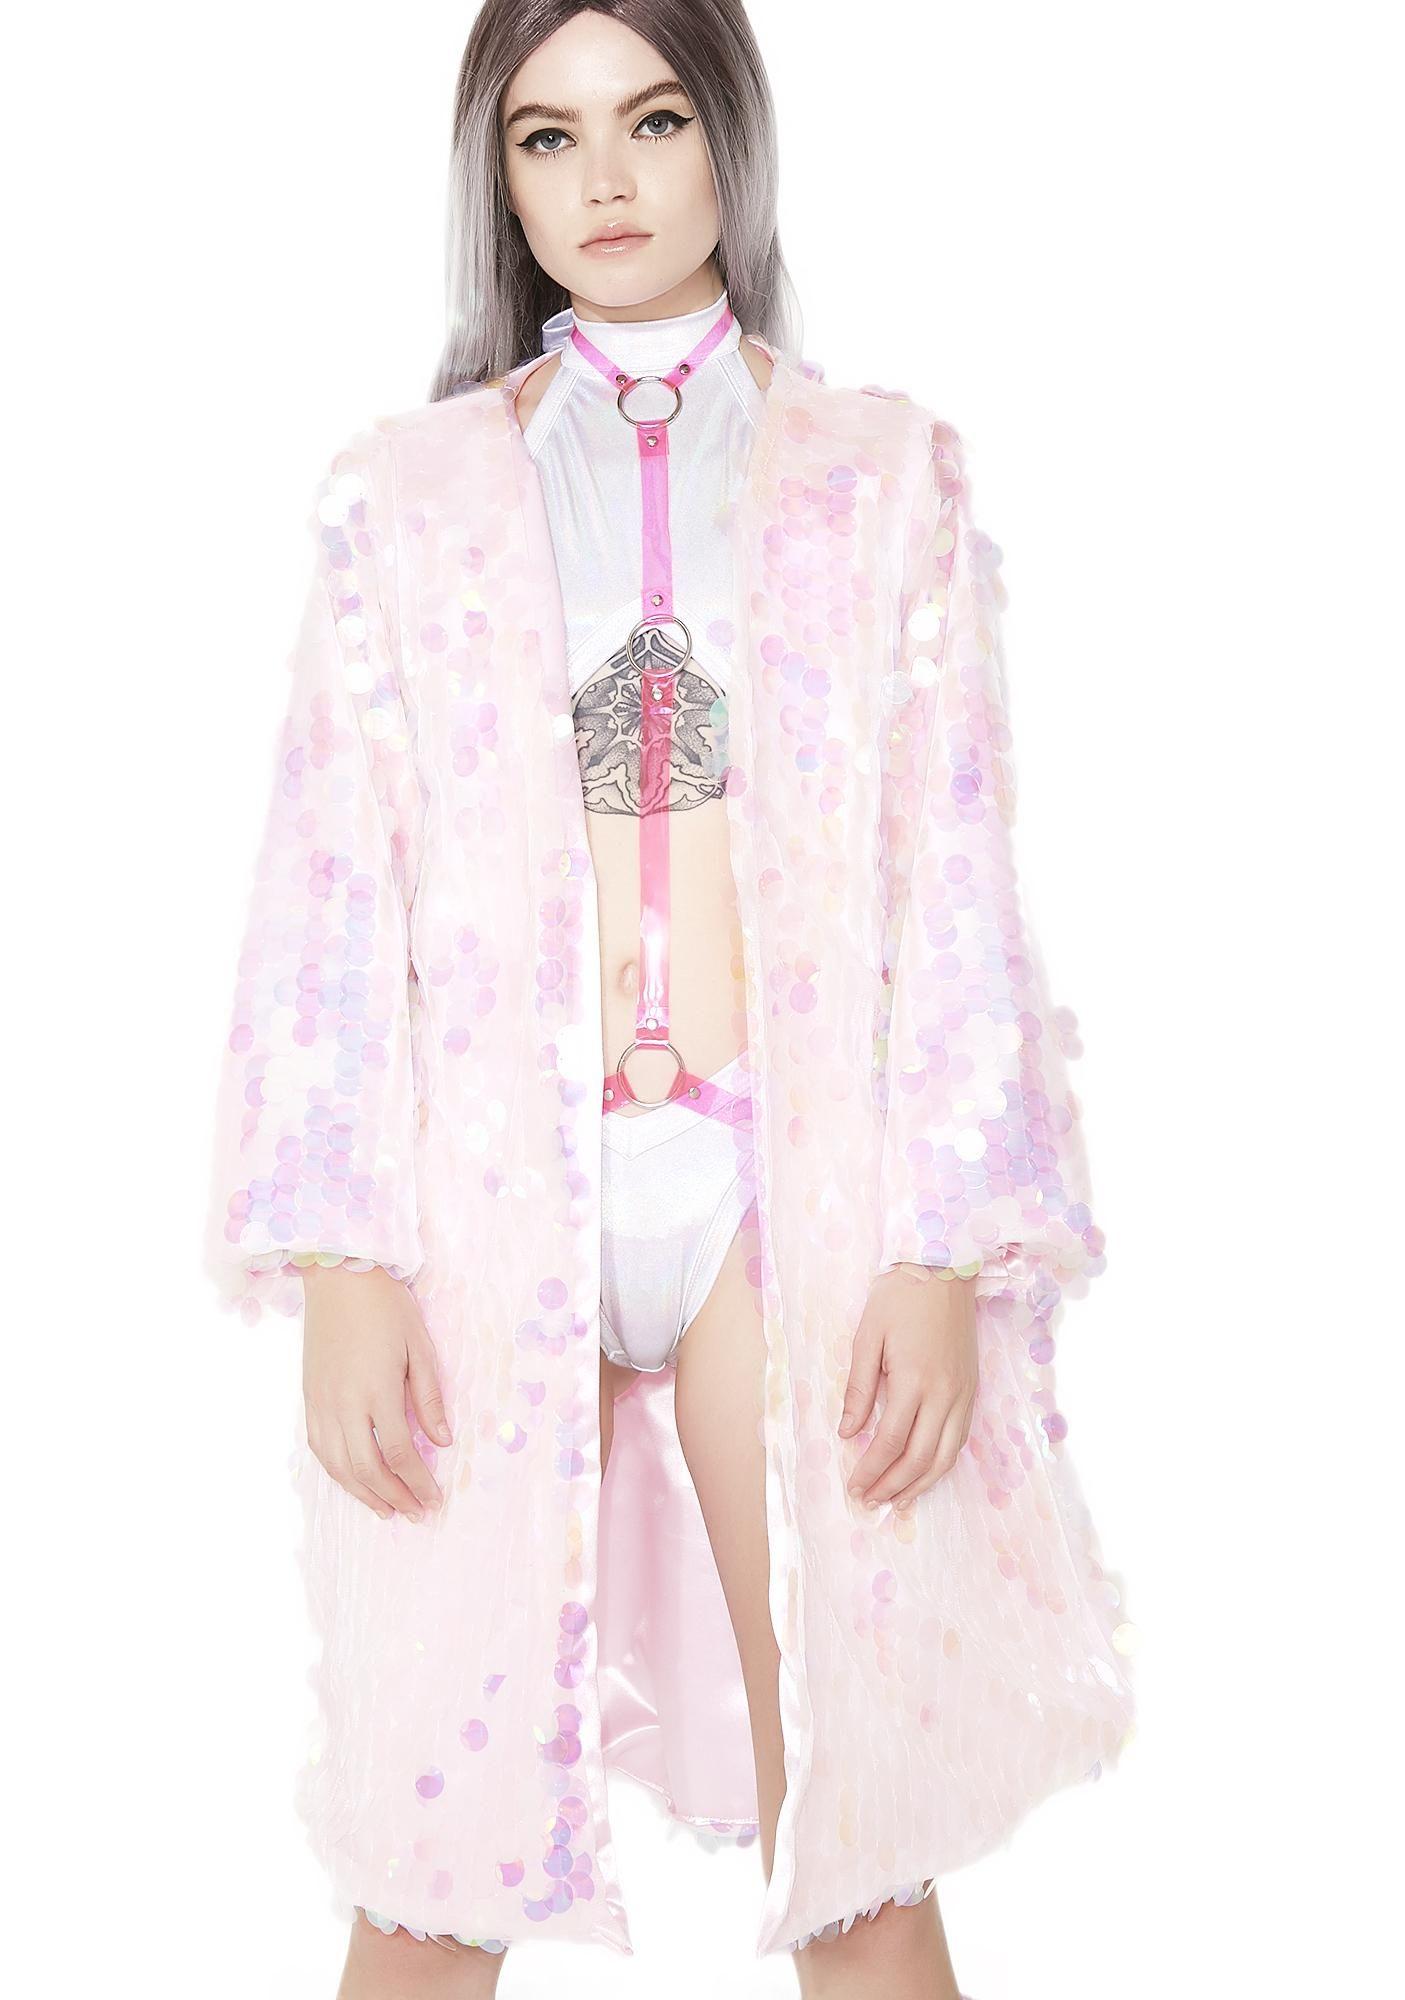 23723da47 B Glittz Eggshell Iridescent Kimono got yew glowin' brighter than da rest,  bb.